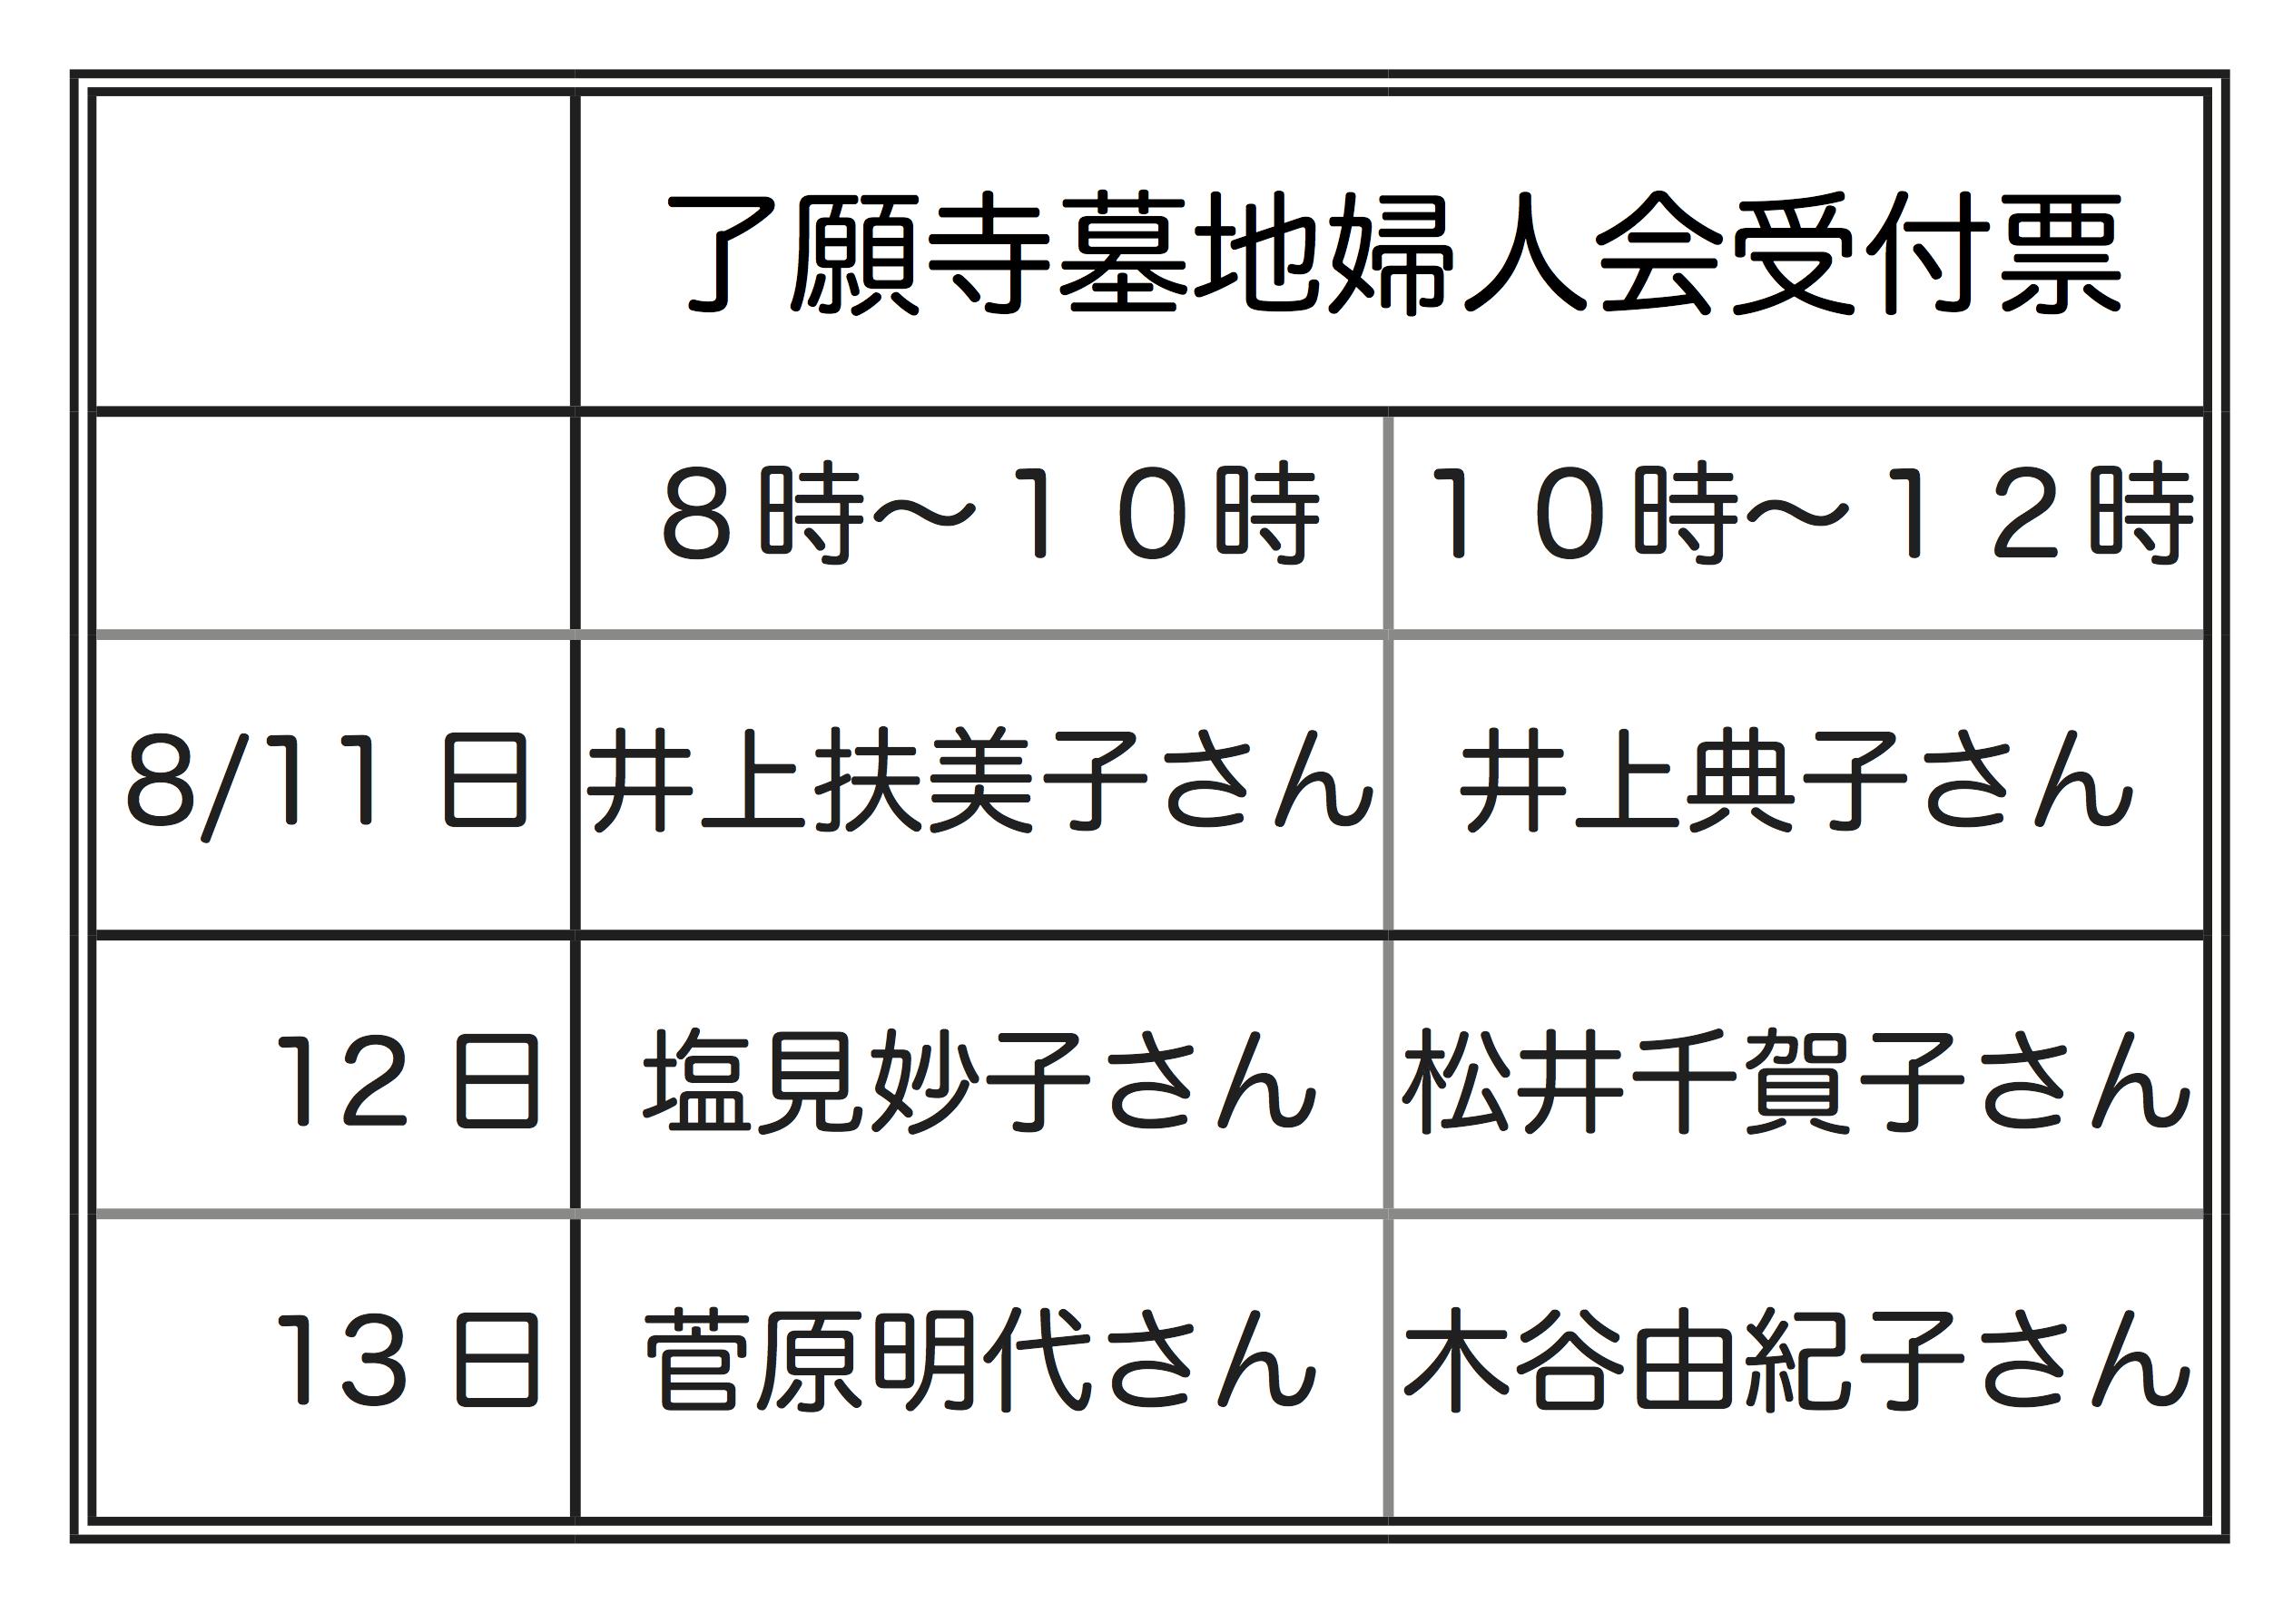 婦人会受付表2019.png